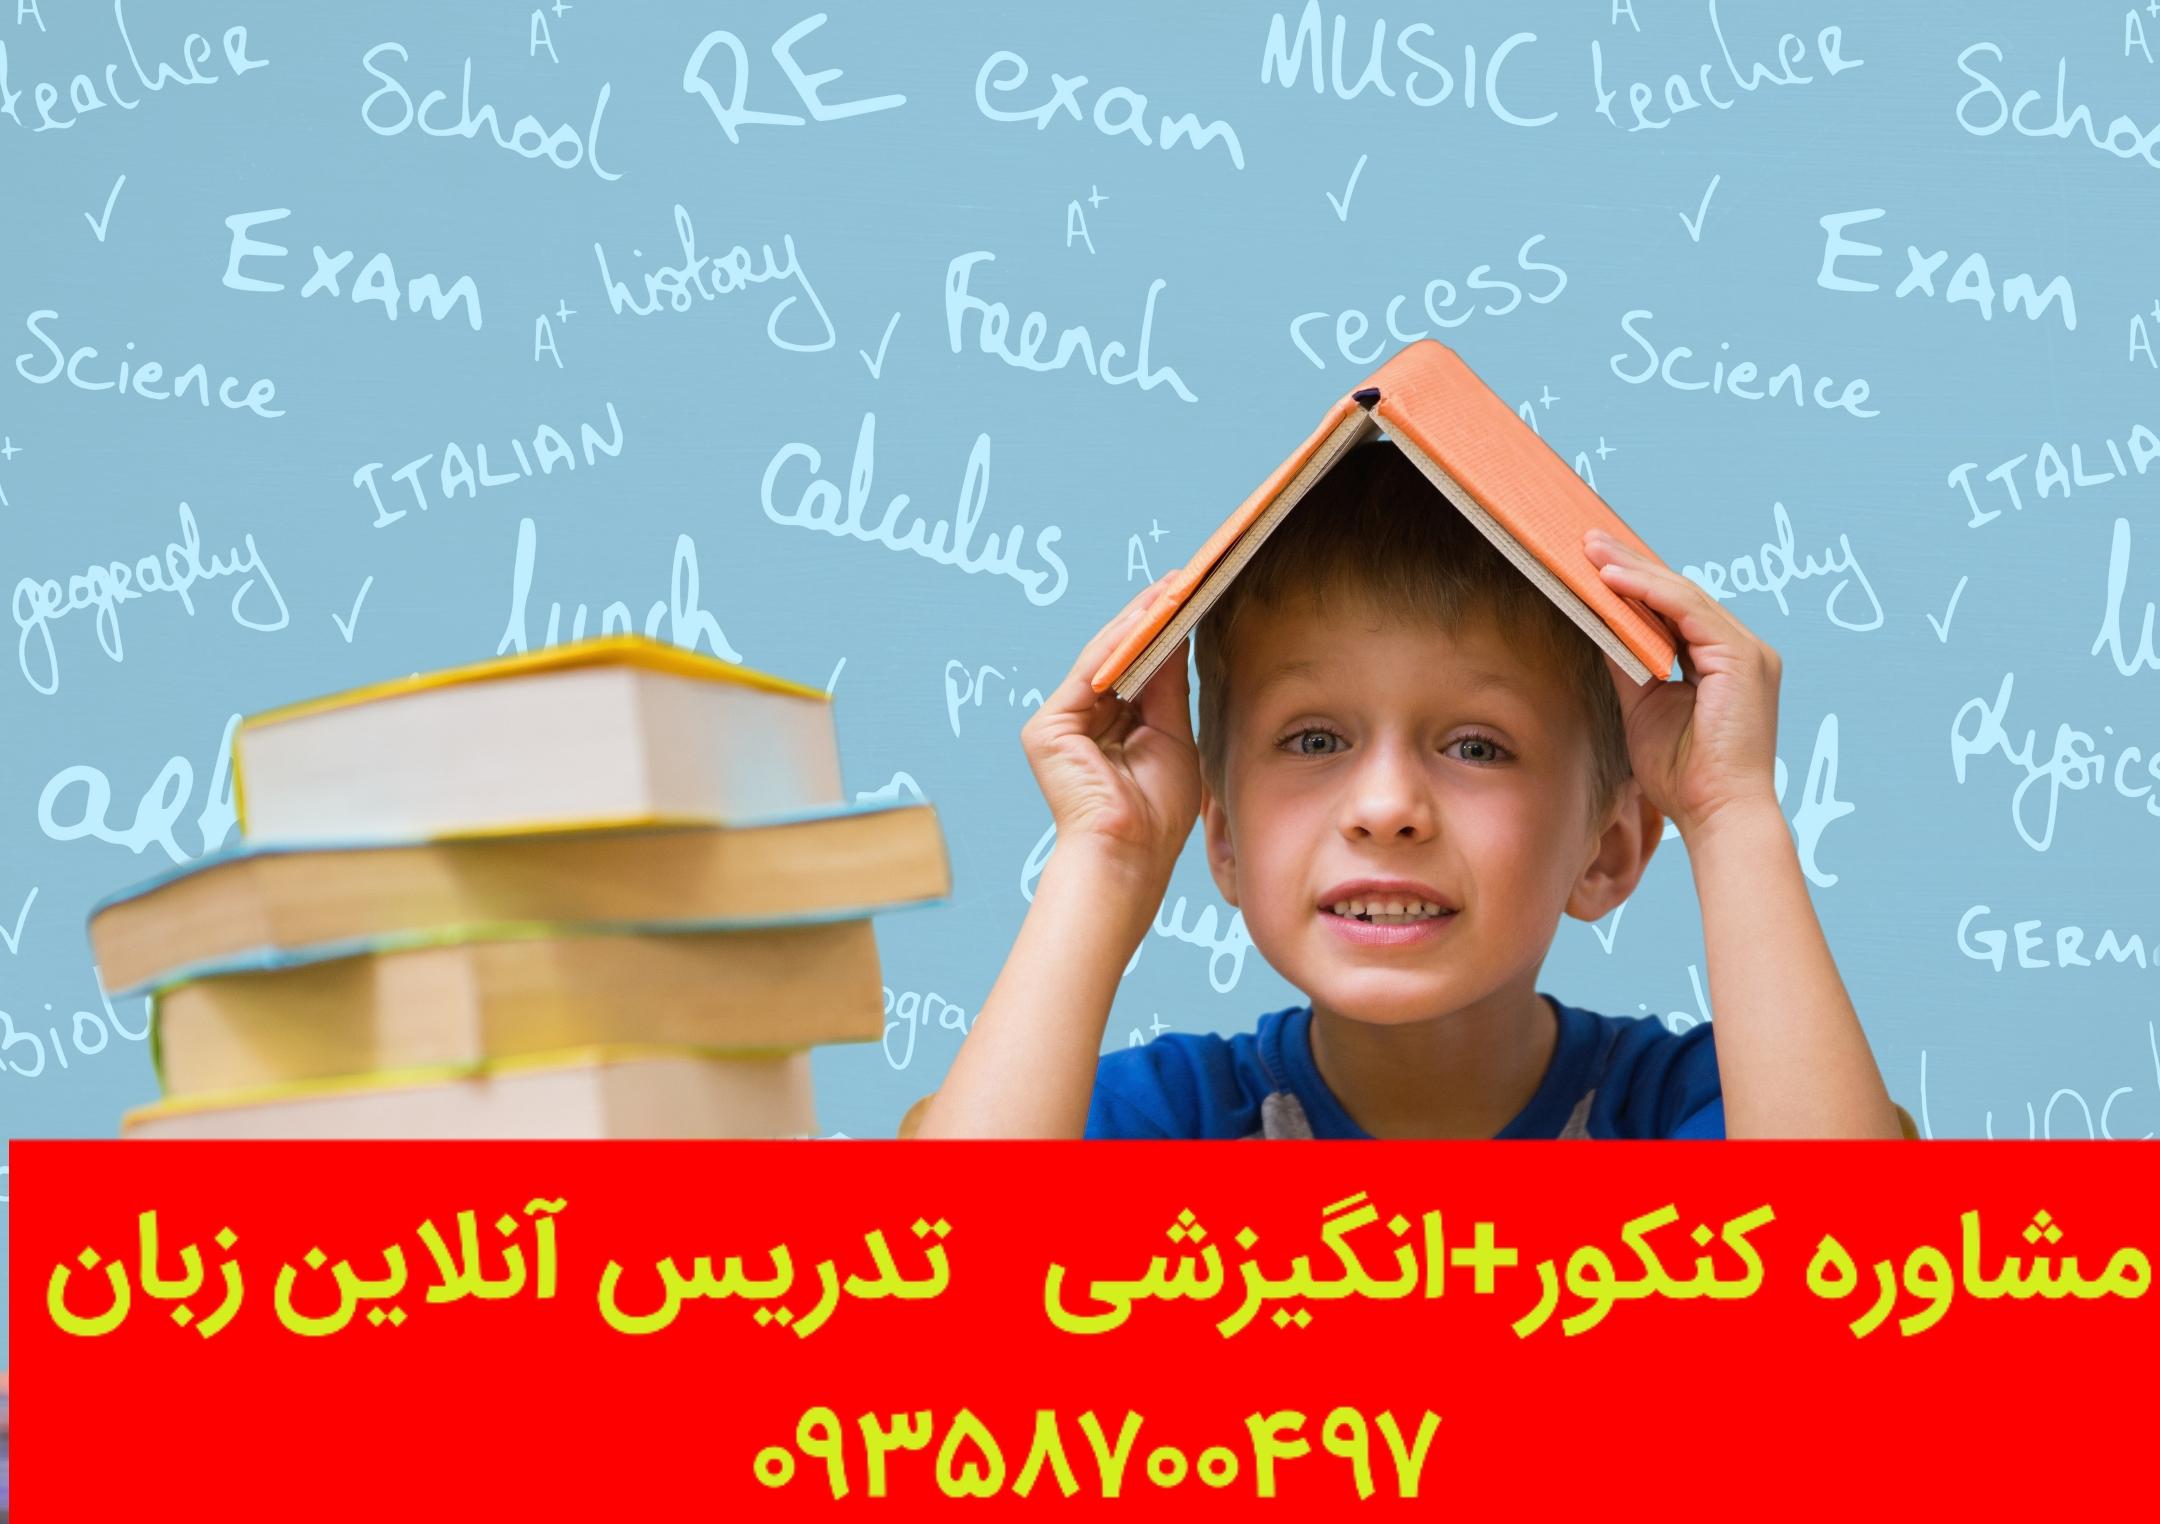 اهمیت درس زبان انگلیسی در متوسطه اول_vahidimeni.ir